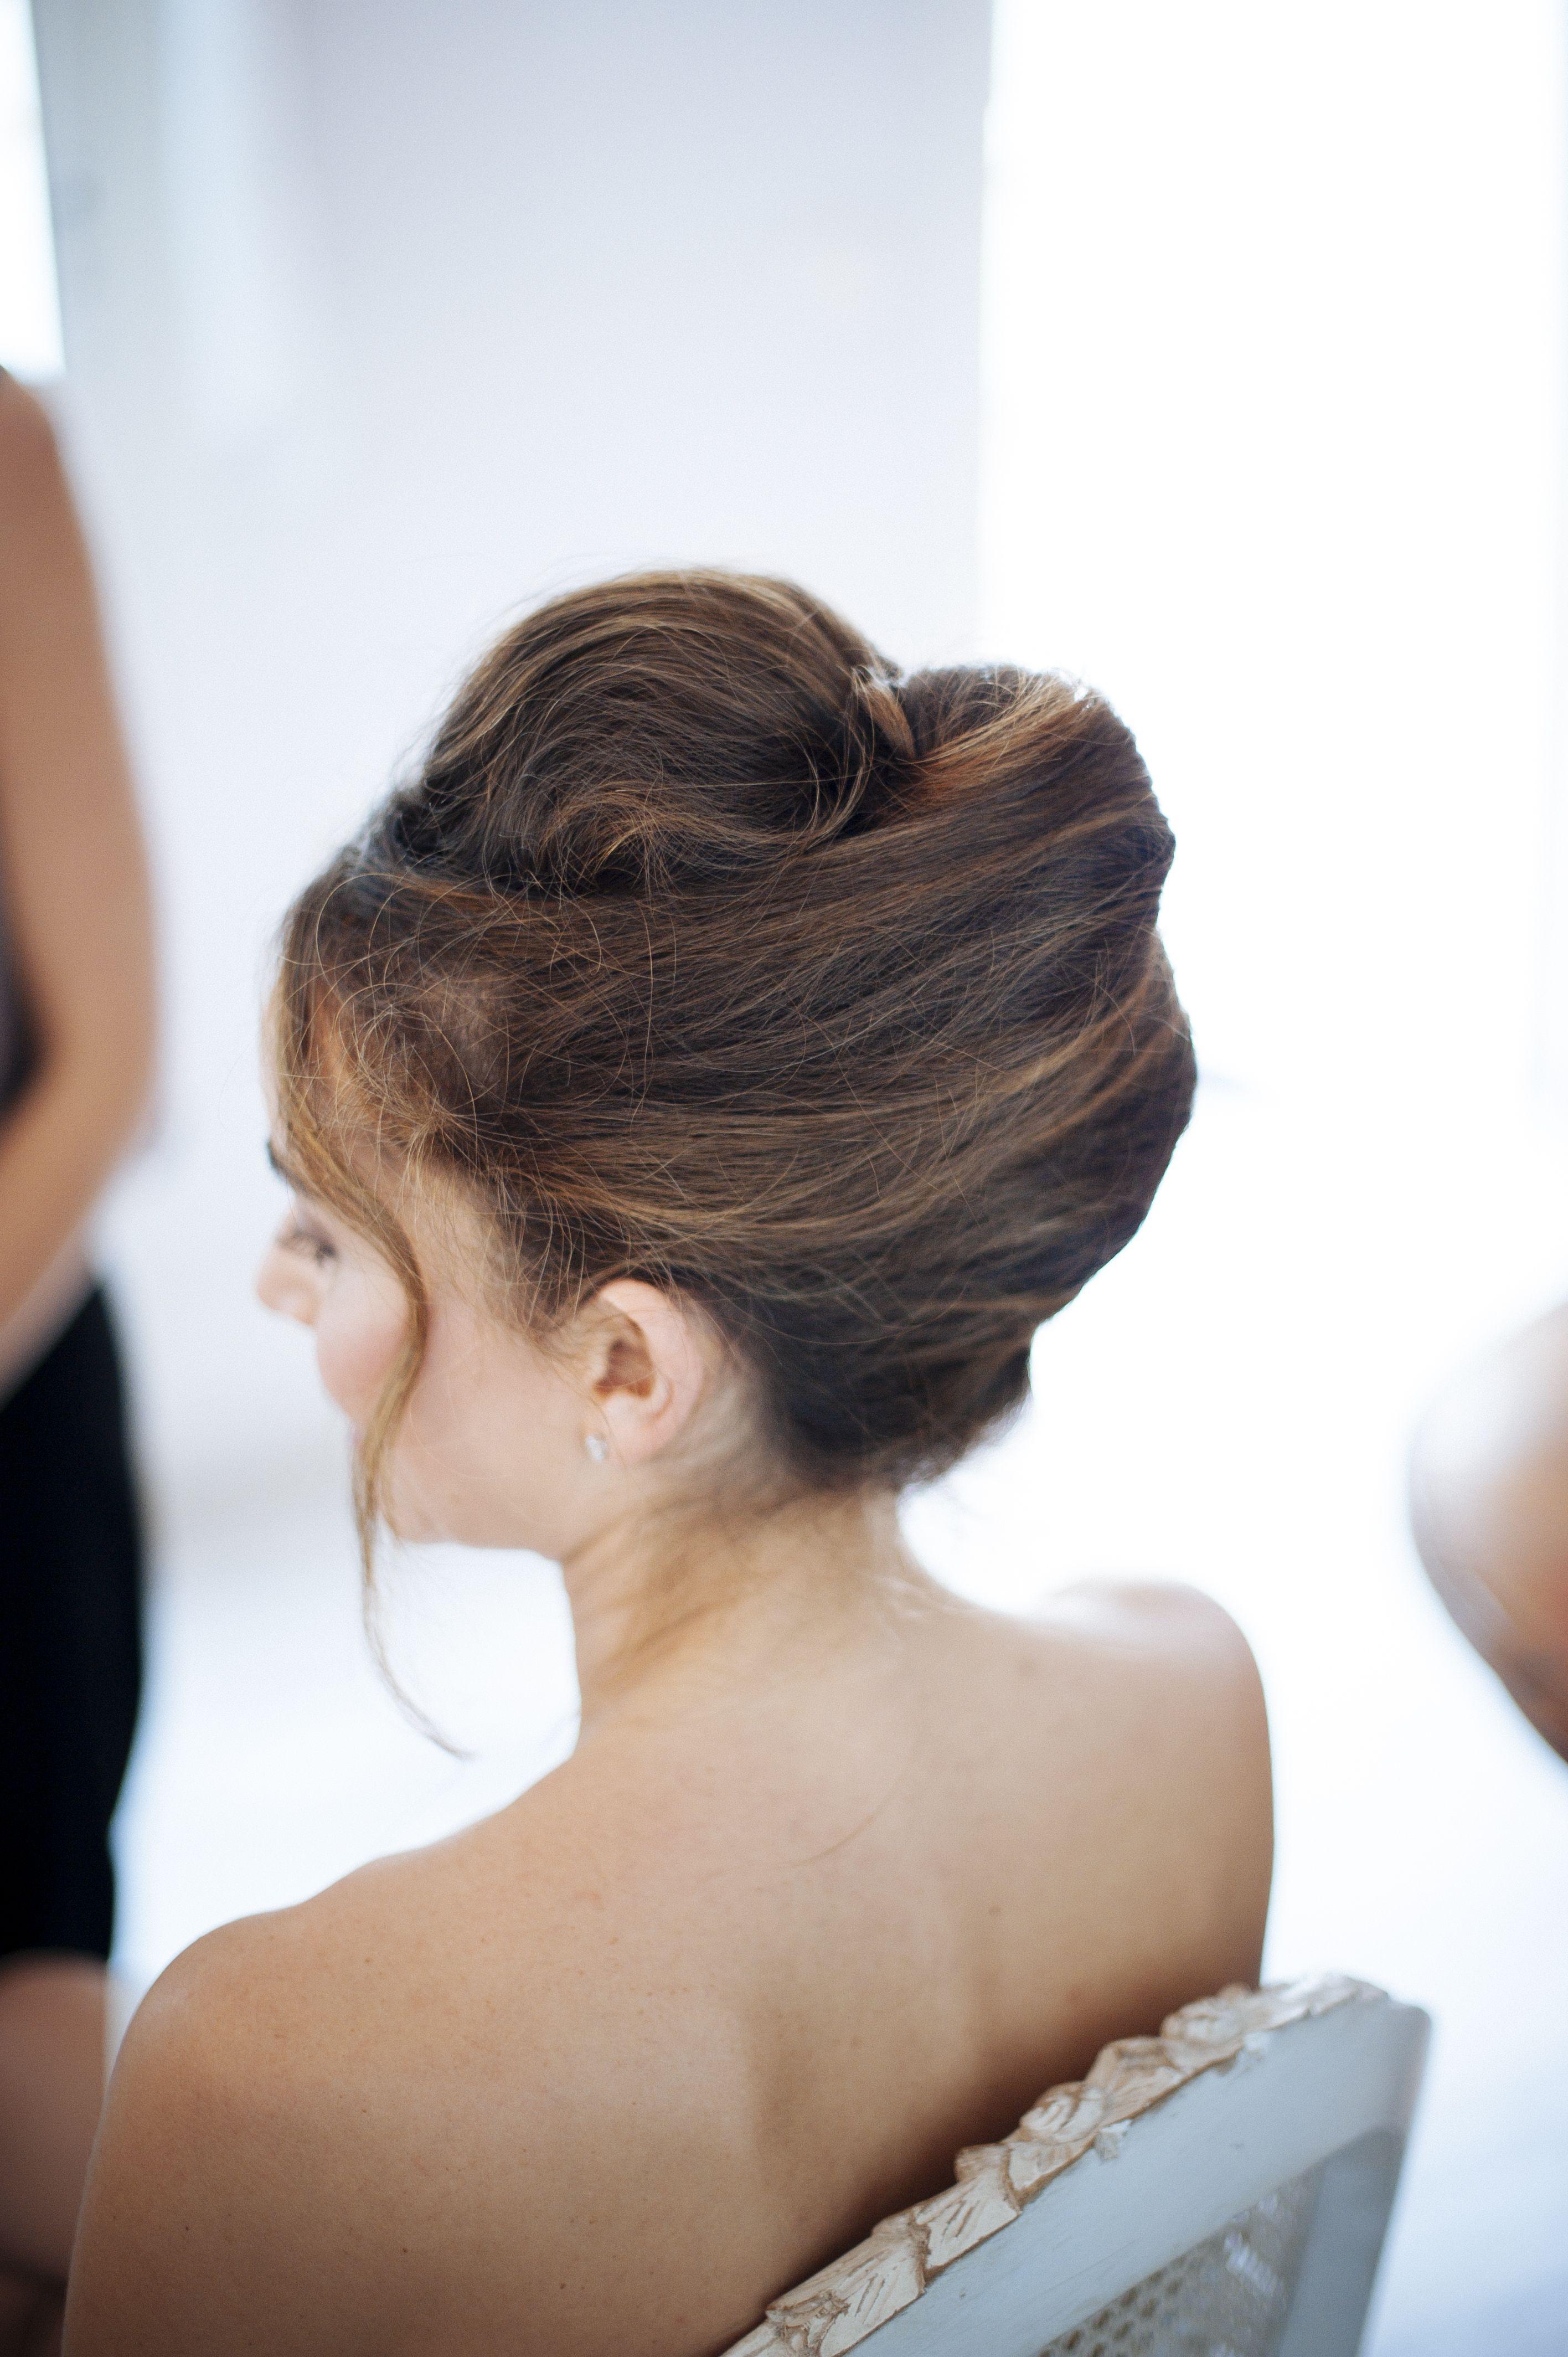 Bride Preparation Preparation De La Jeune Marie Wedding Mariage Wedding Hair Dressing Coiffure De Mariage Coiffure Mariage Coiffure Cheveux Bruns